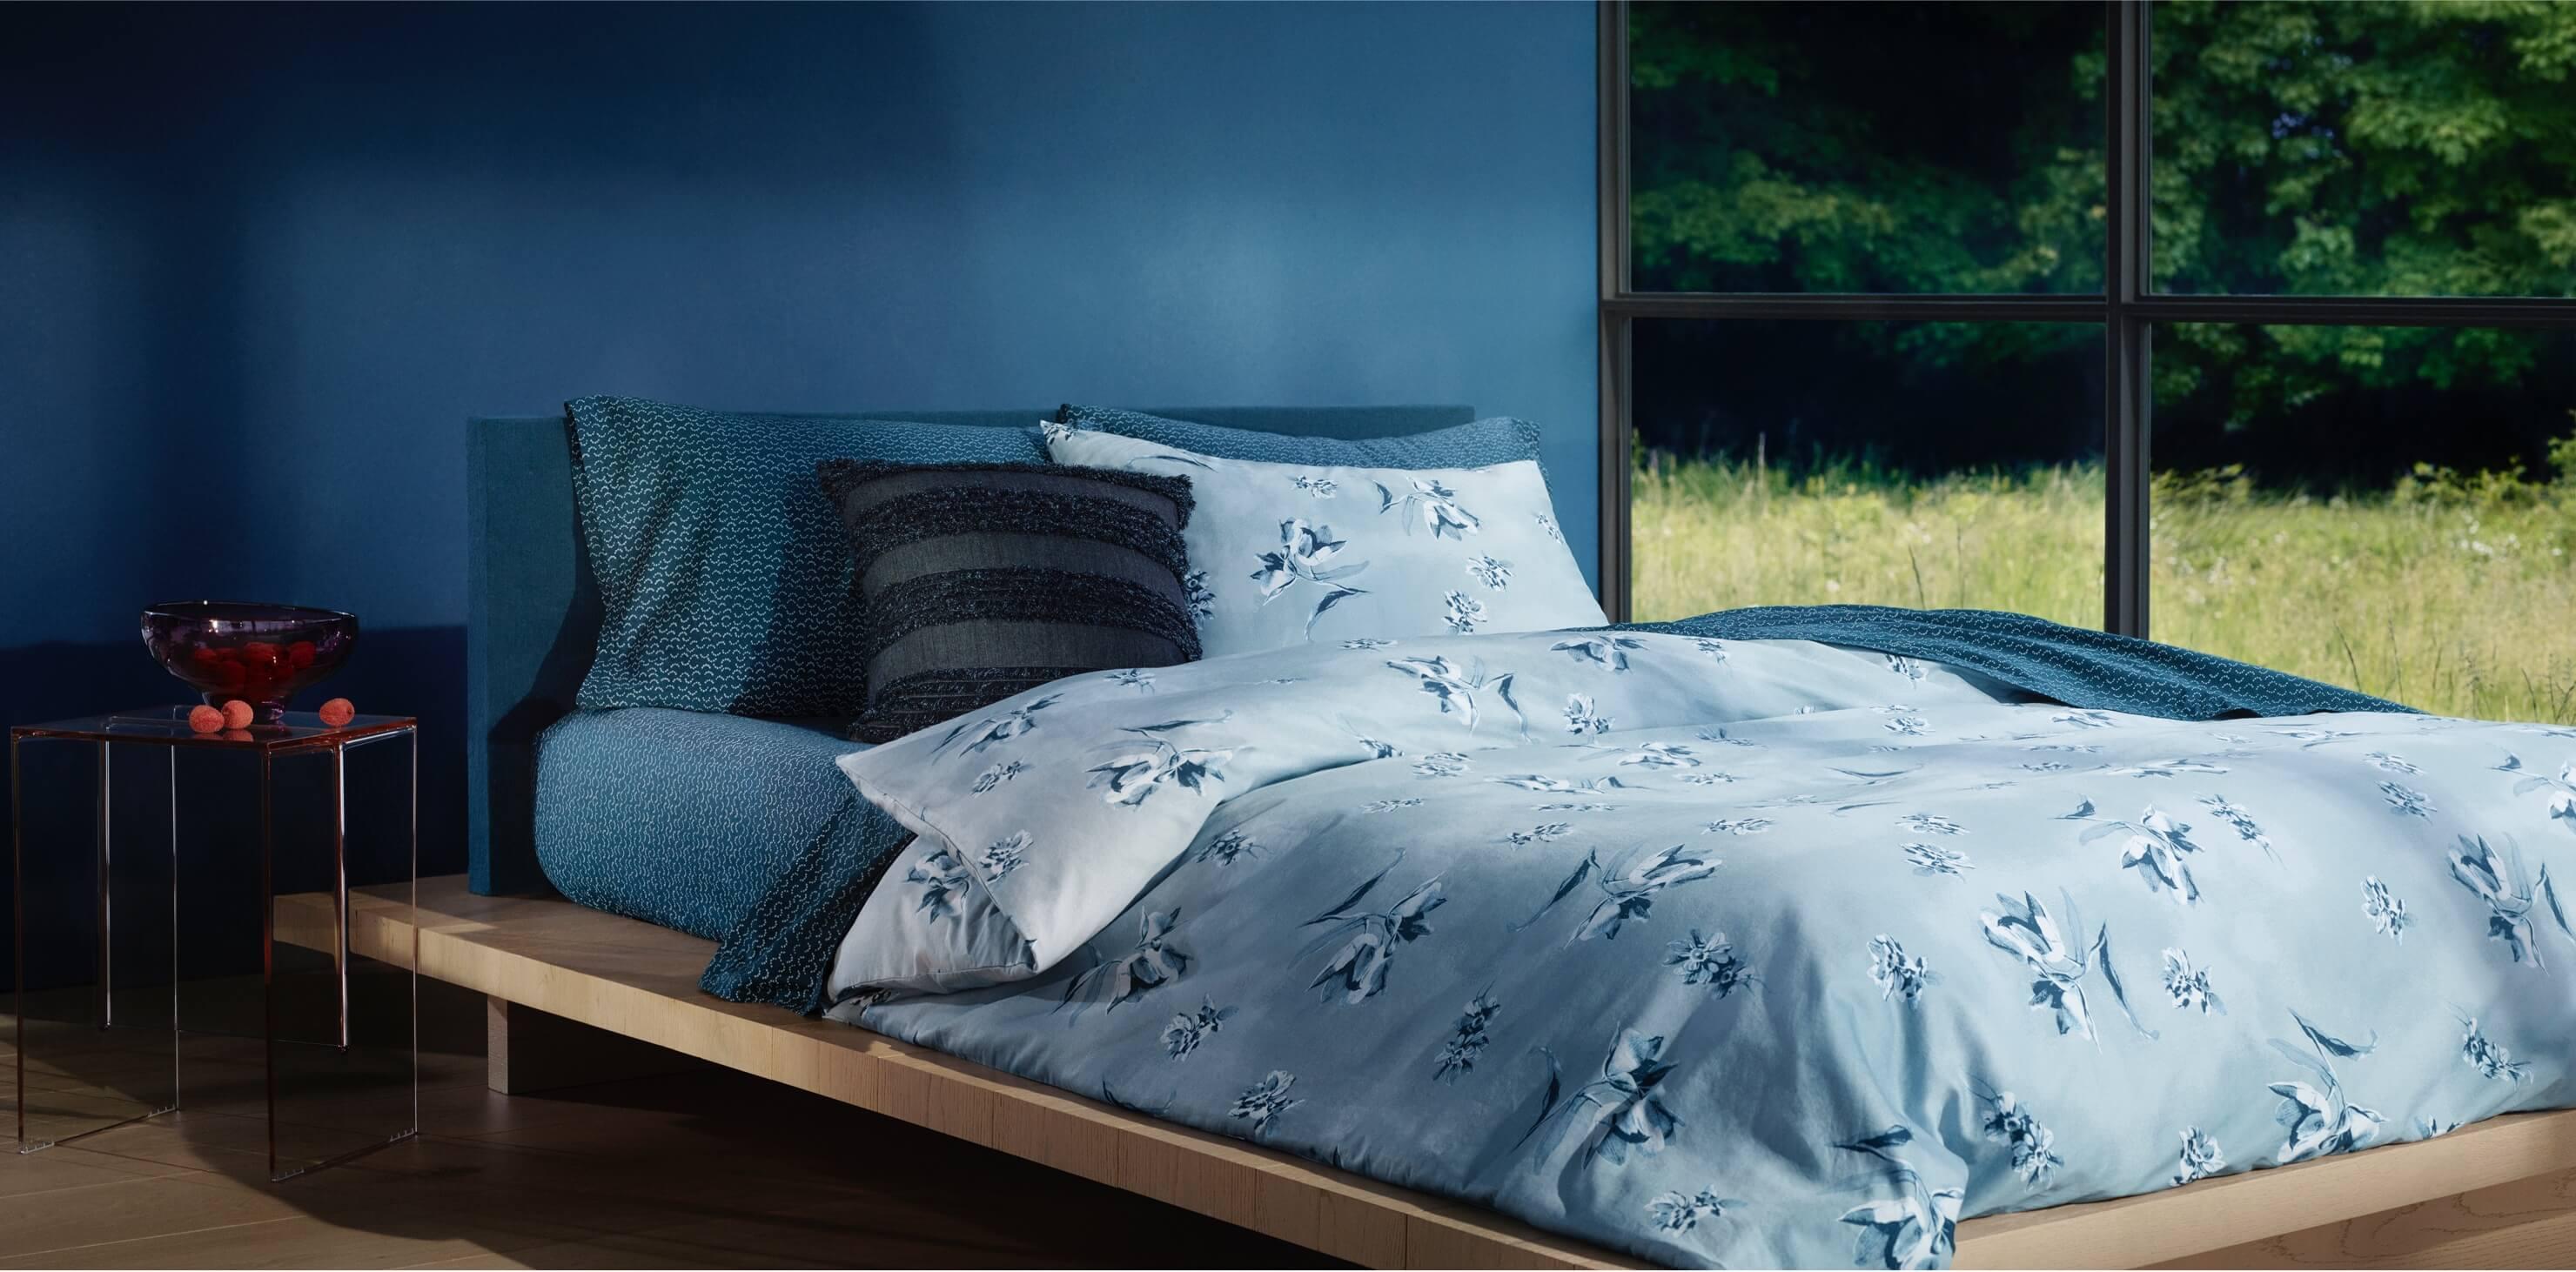 Shop CALVIN KLEIN Bedding